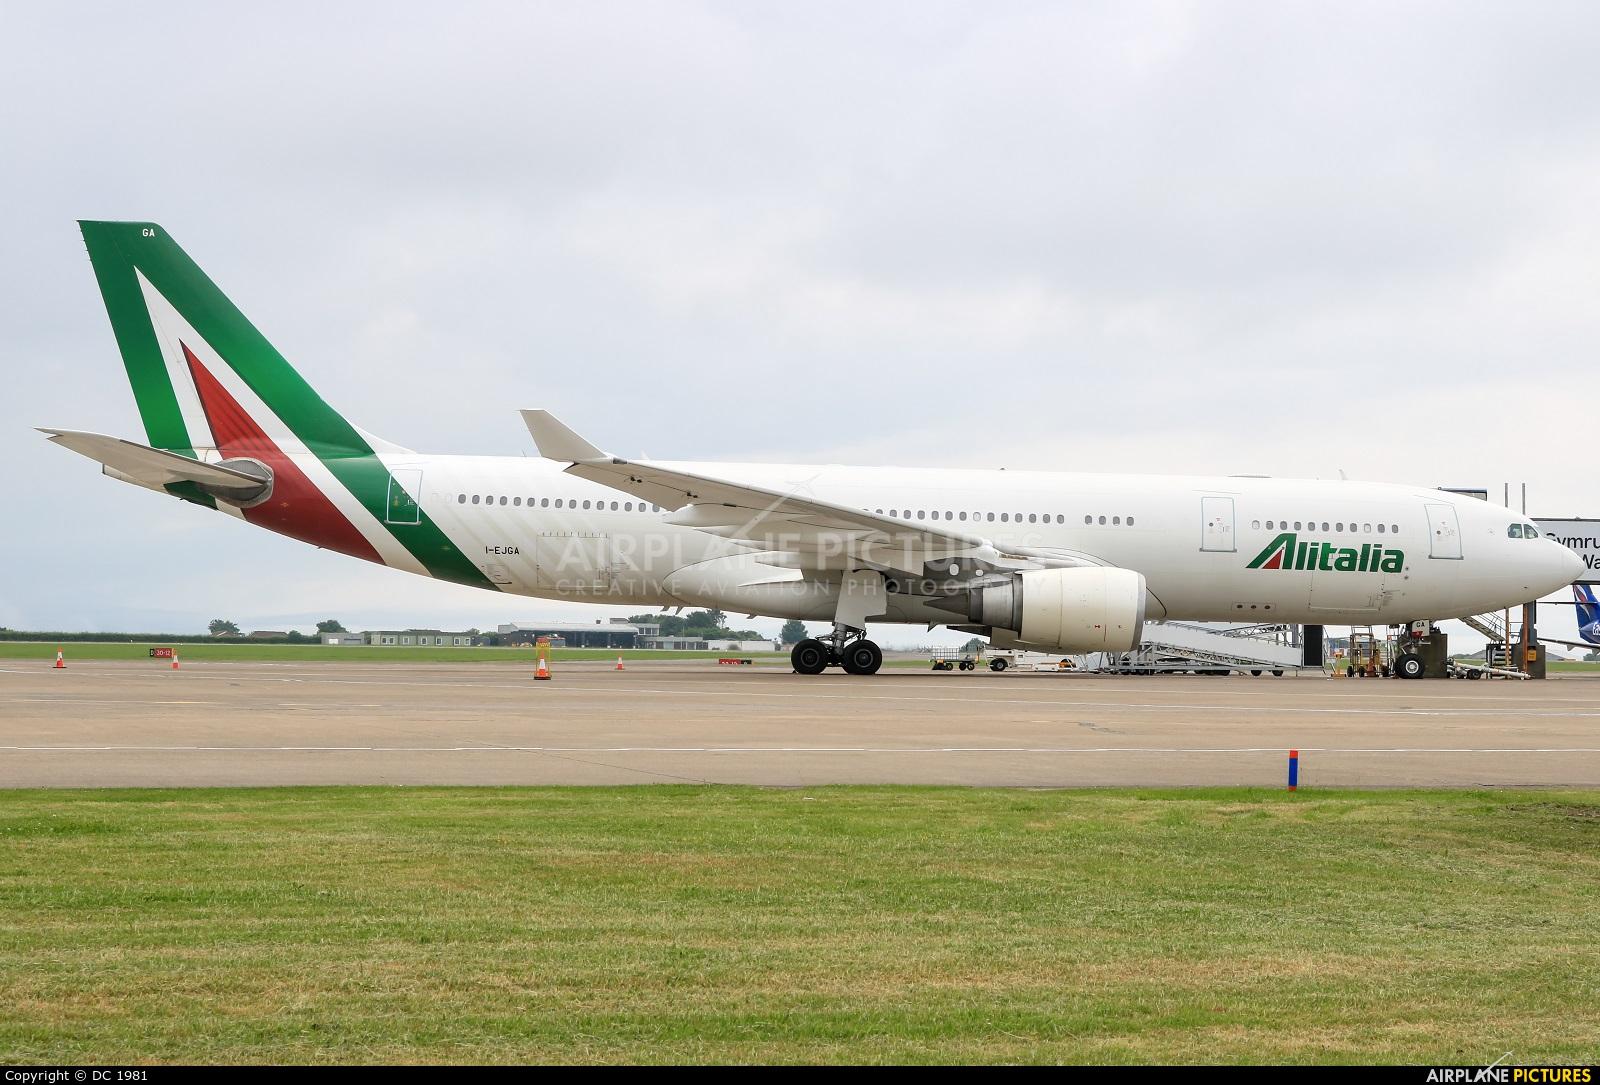 Alitalia I-EJGA aircraft at Cardiff